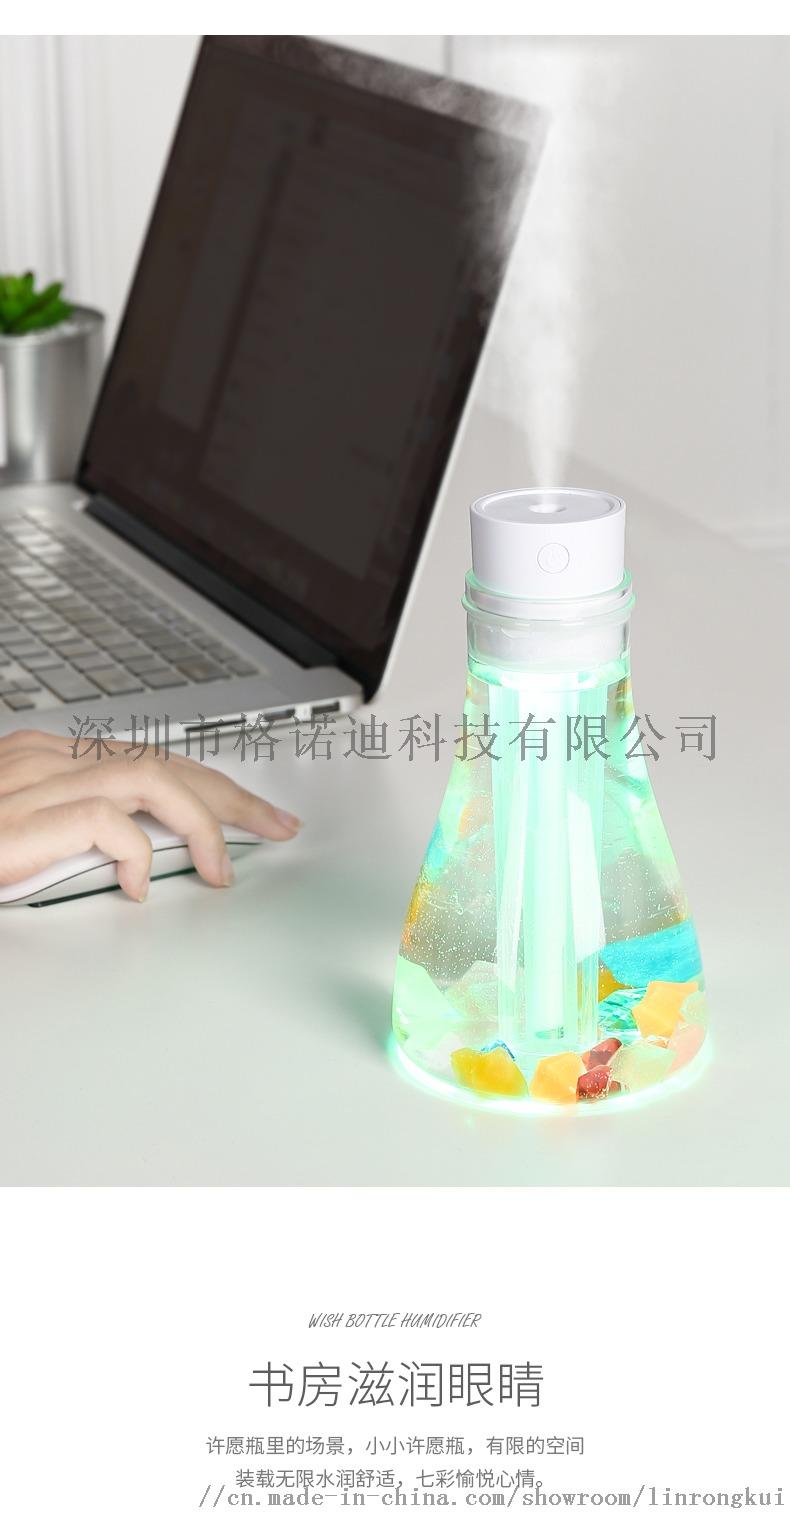 许愿瓶加湿器_04.jpg